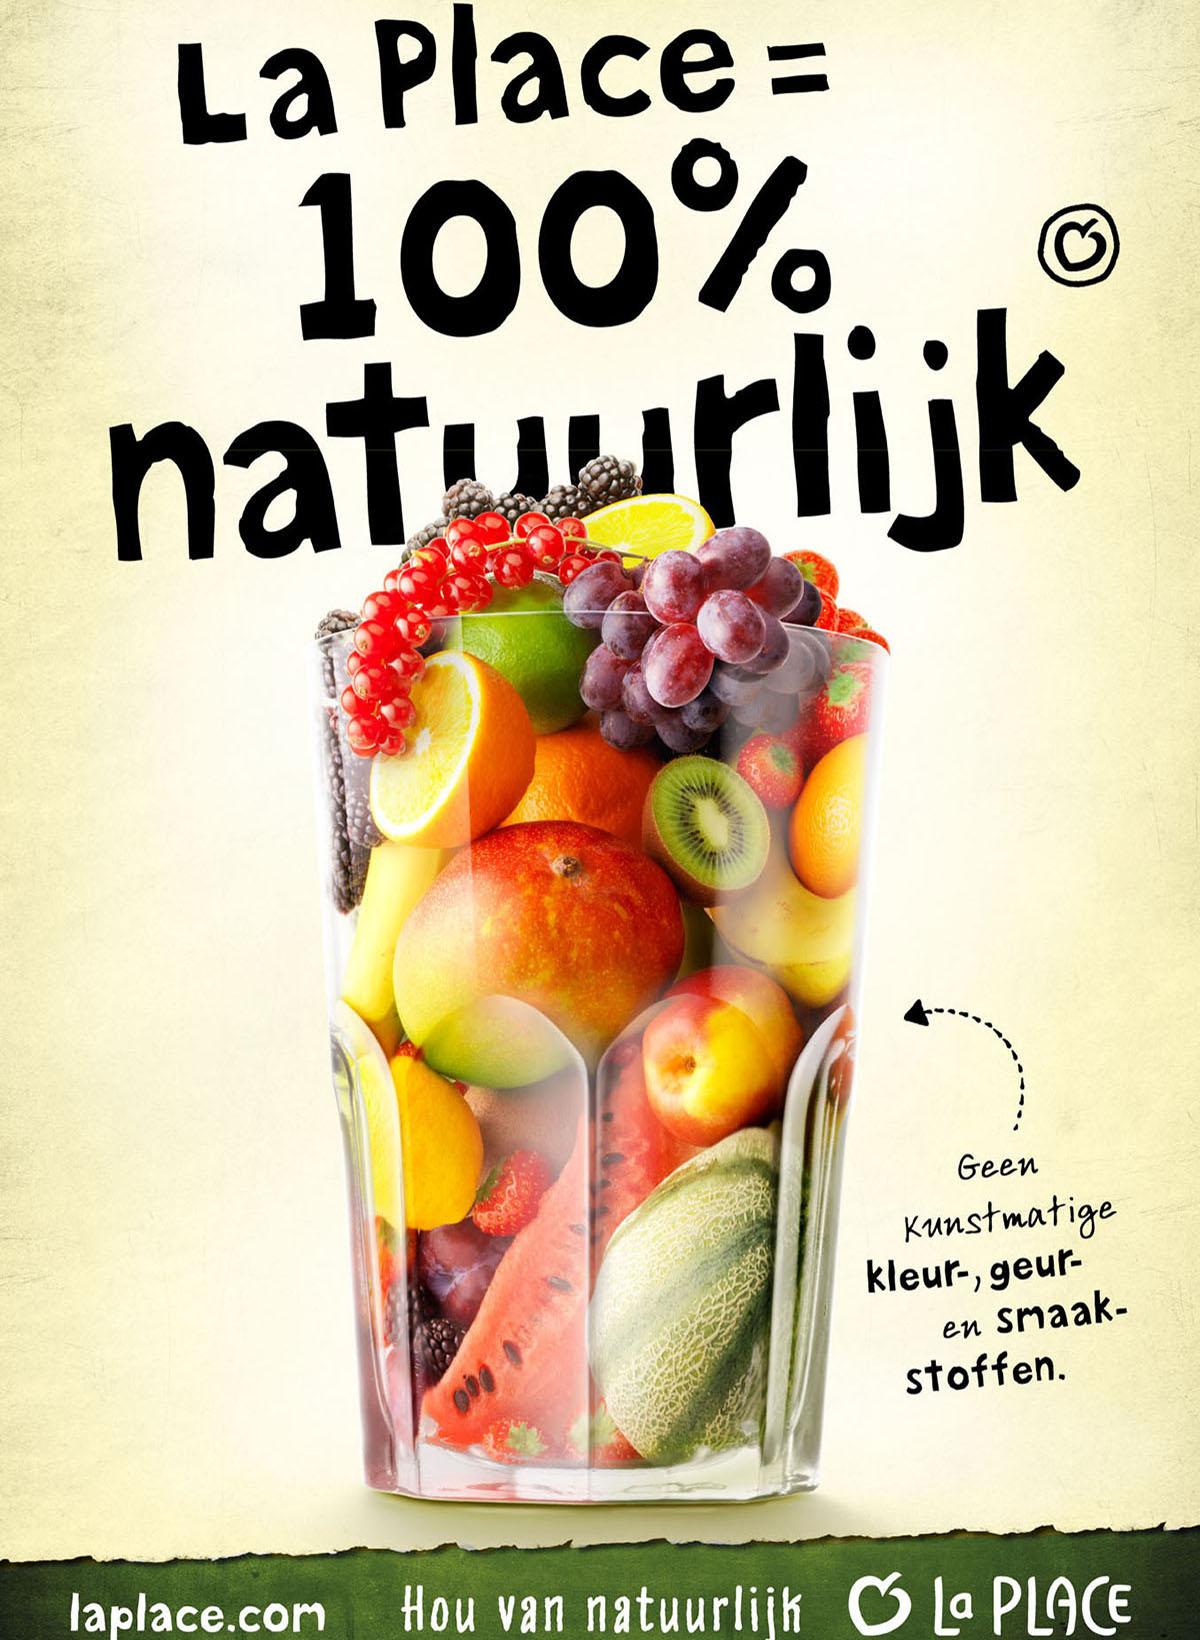 Food styling fotografie van een glas met verschillende soorten fruit gemaakt door Studio_m Fotografie Amsterdam